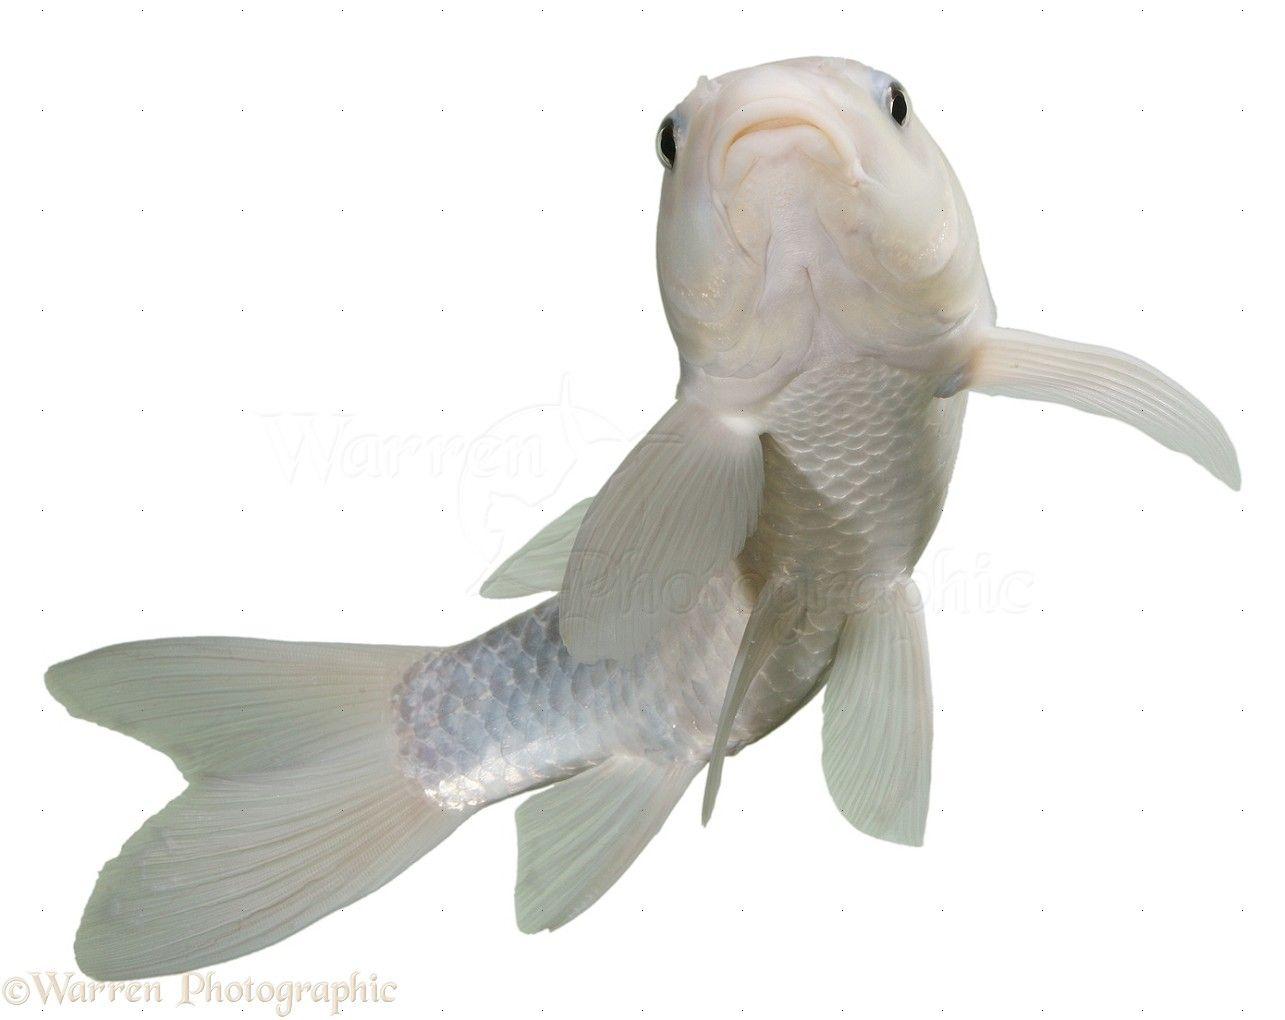 18014 white koi carp white 1285 1020 for White koi carp